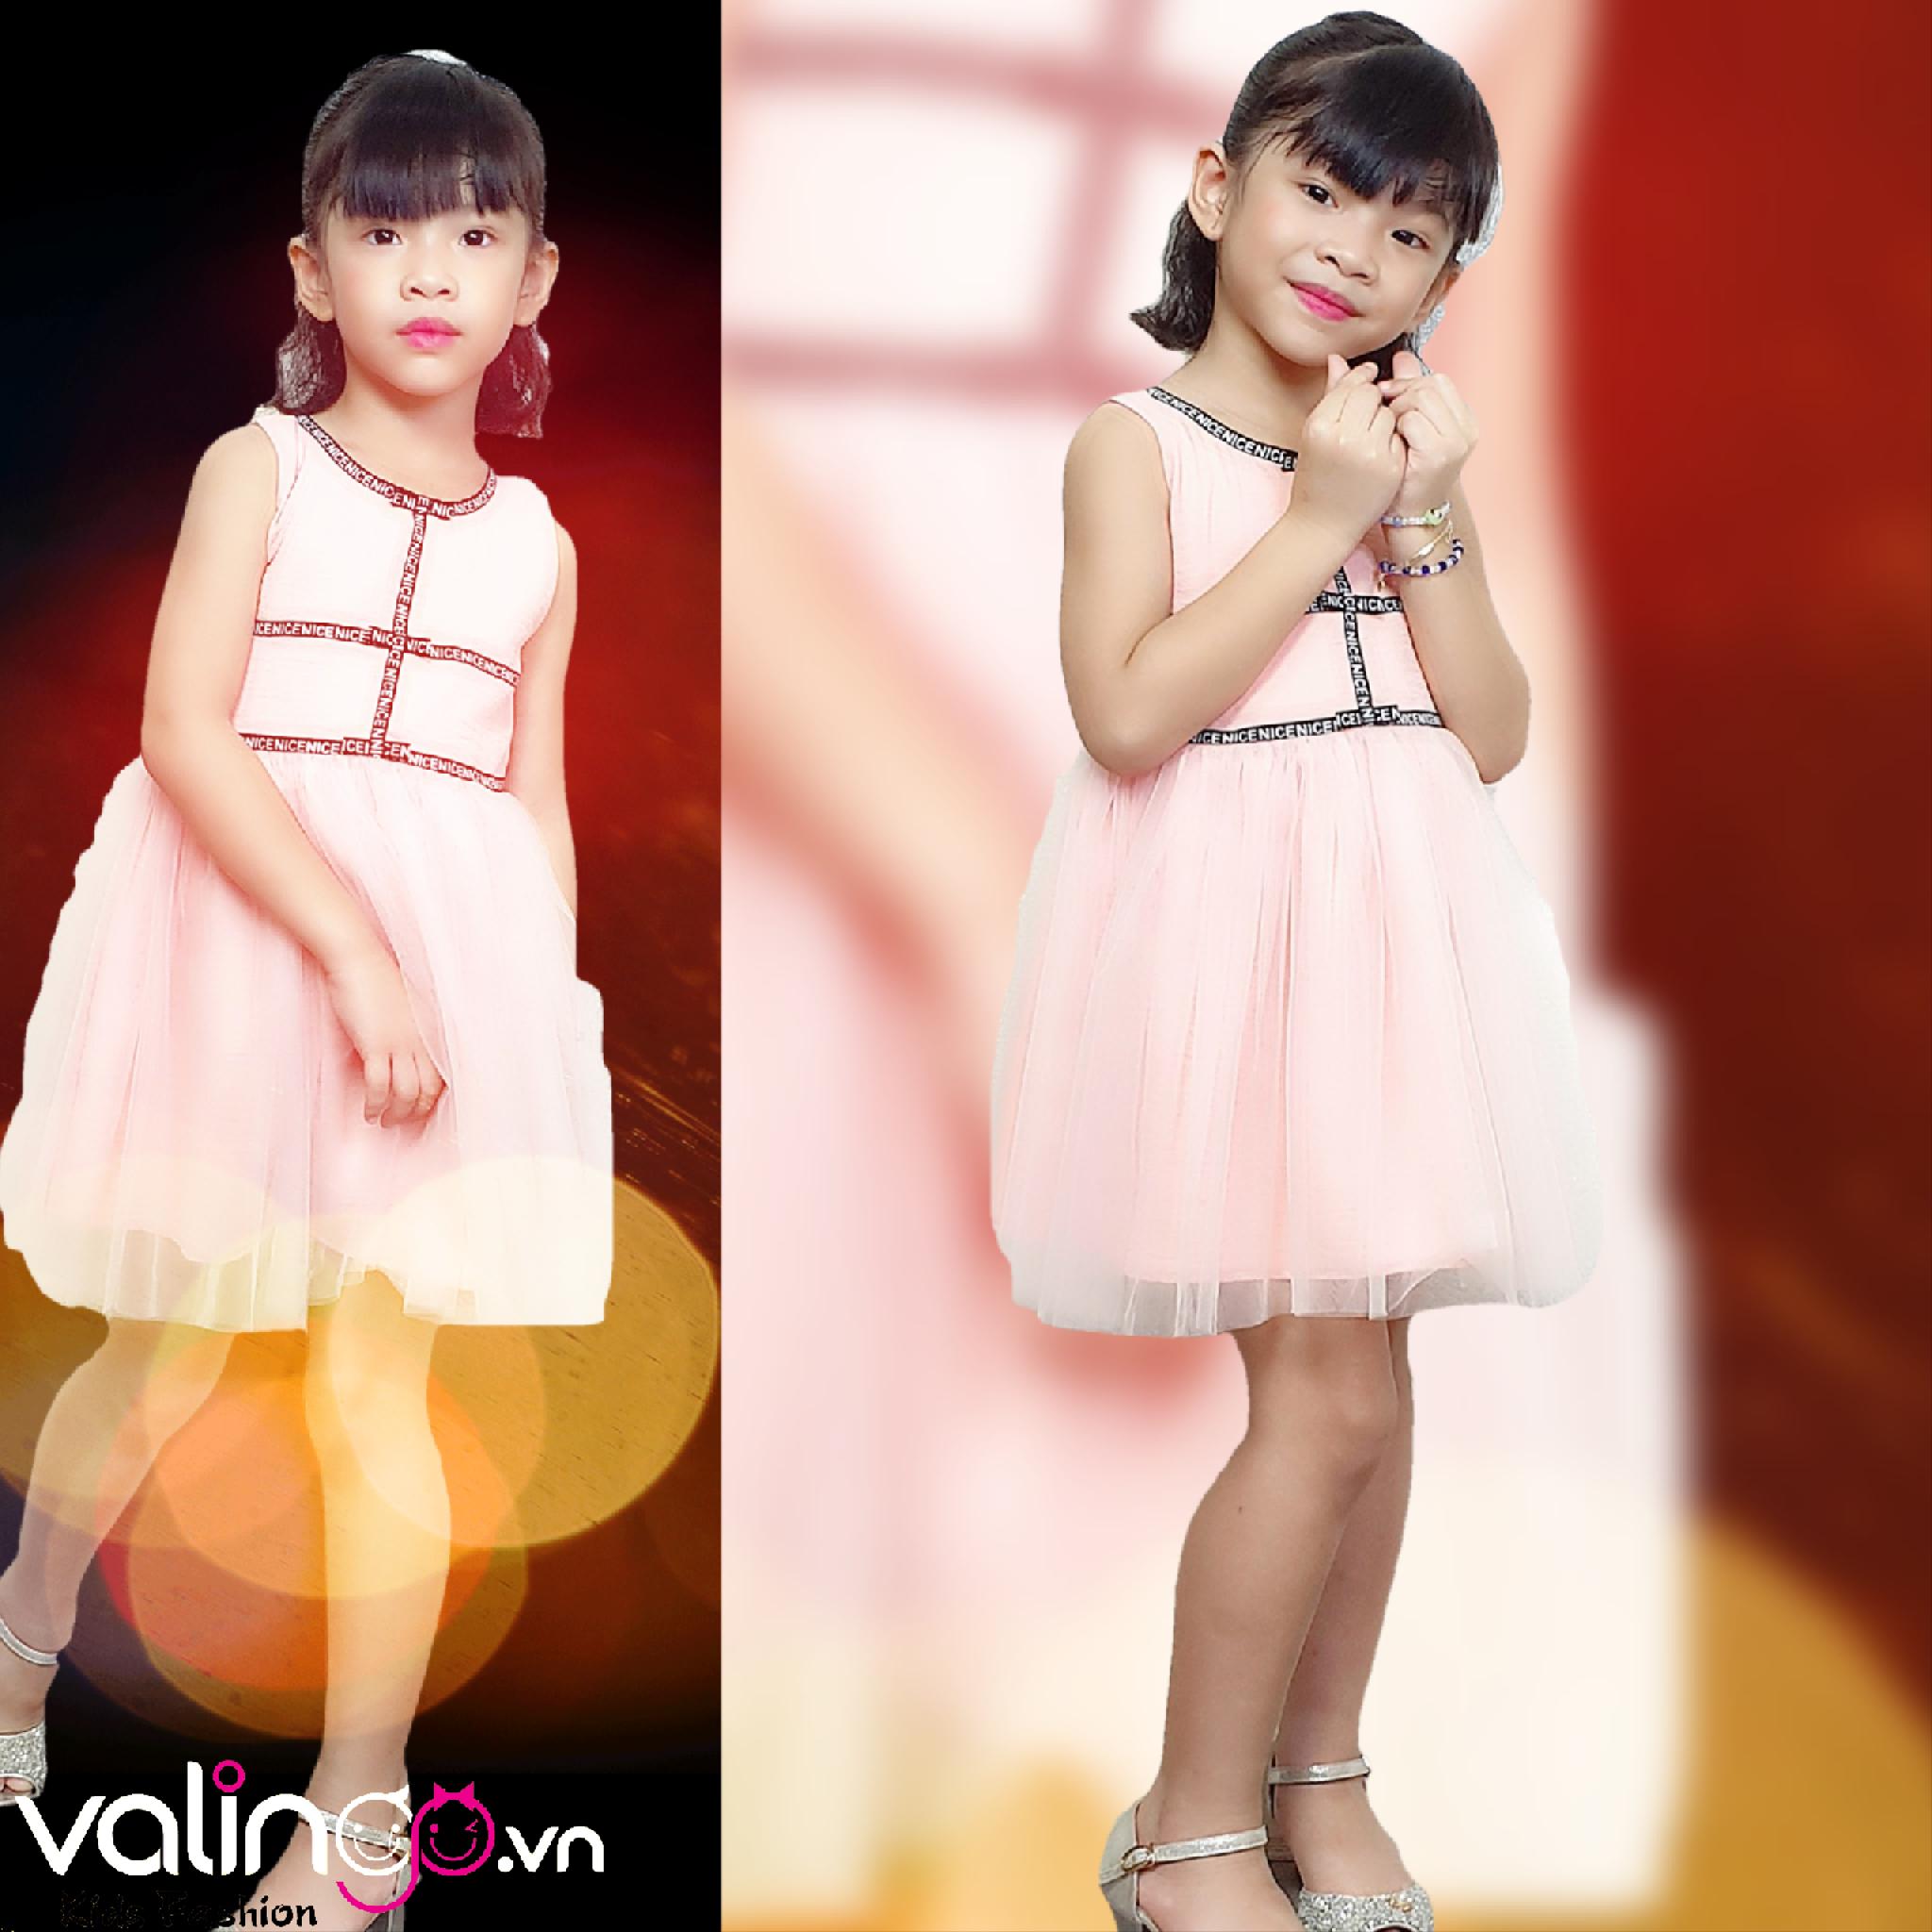 Người mẫu nhí Valingo